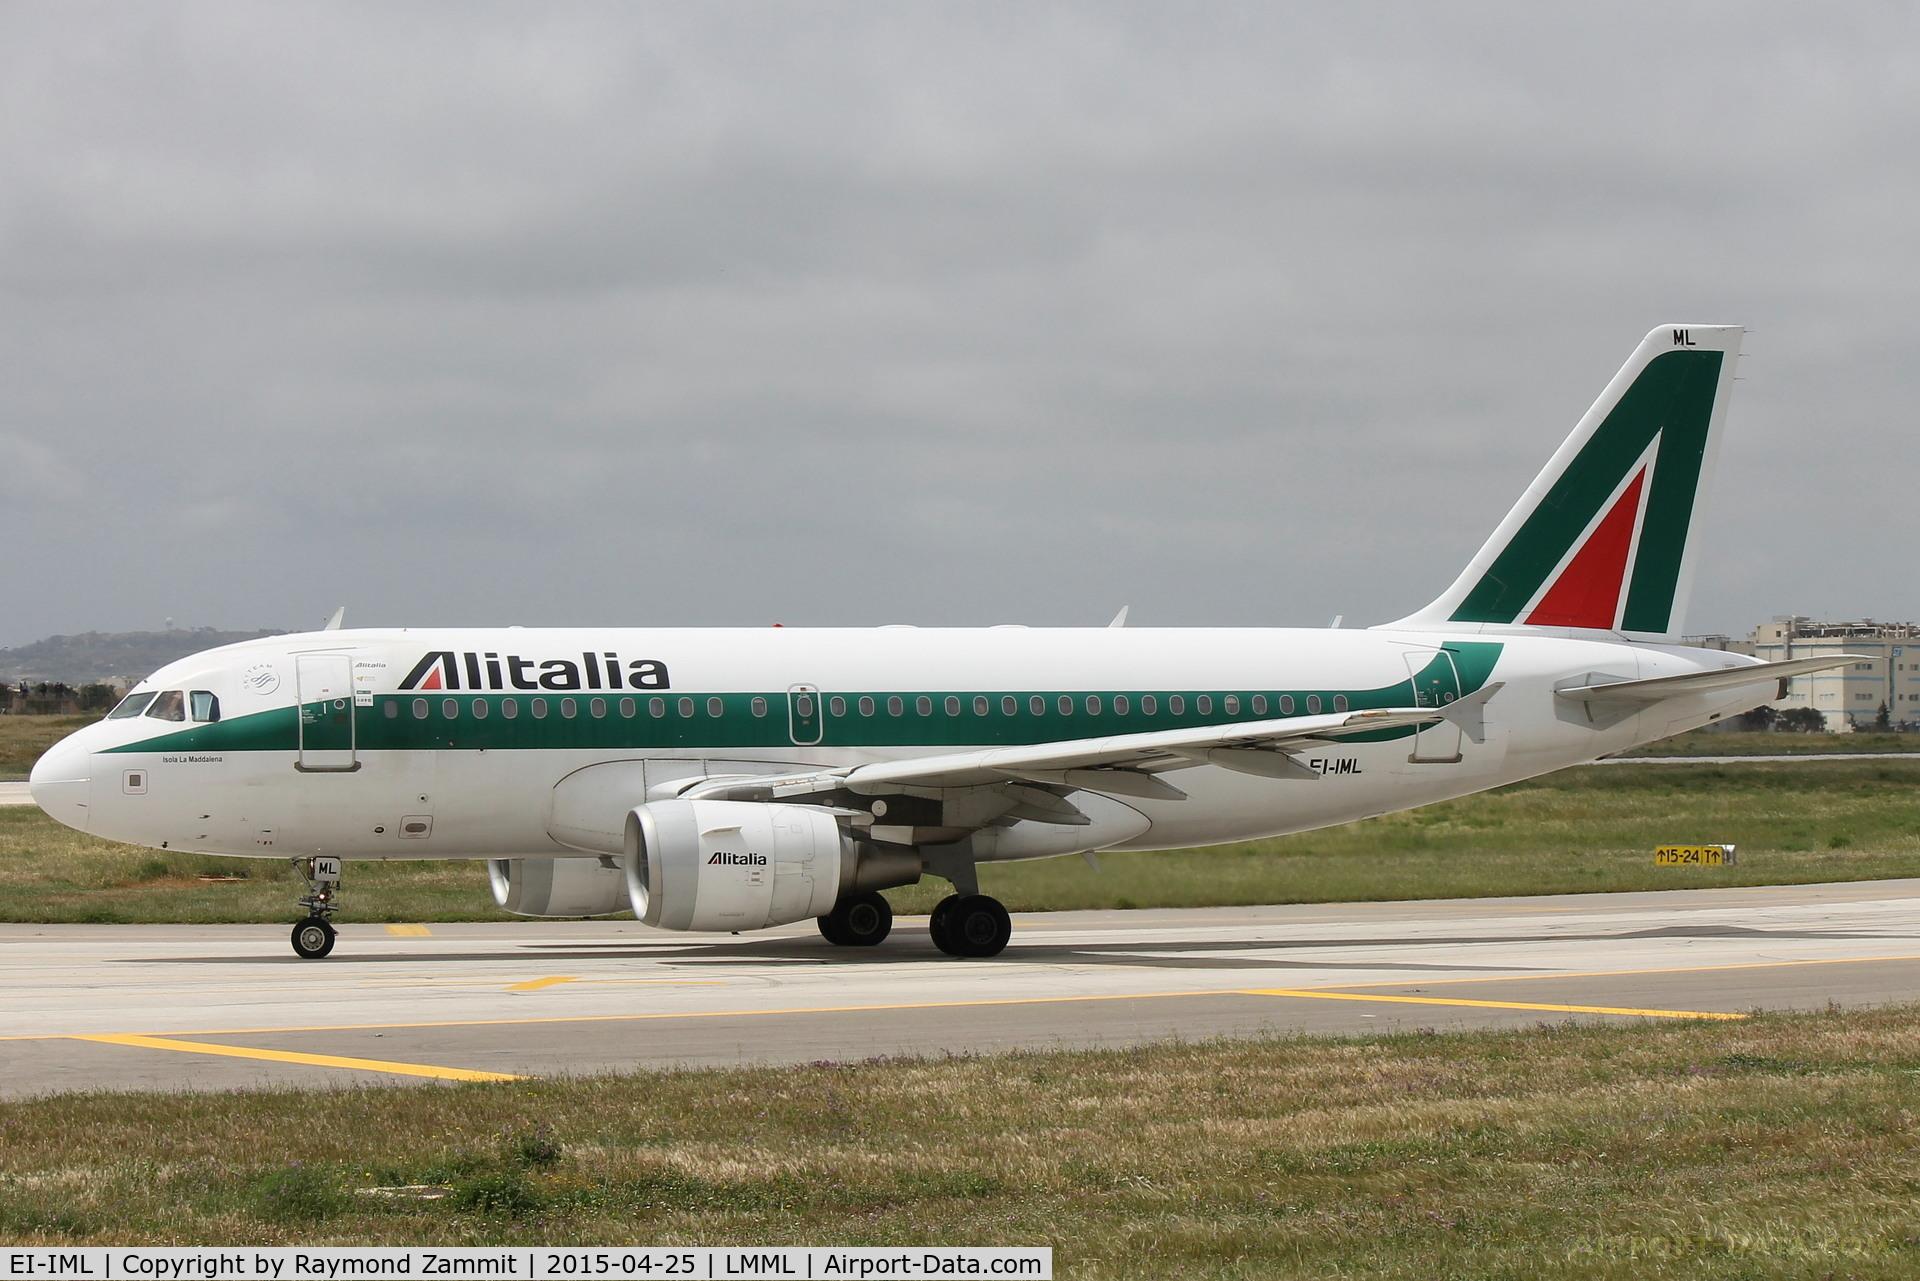 EI-IML, 2004 Airbus A319-112 C/N 2127, A319 EI-IML Alitalia